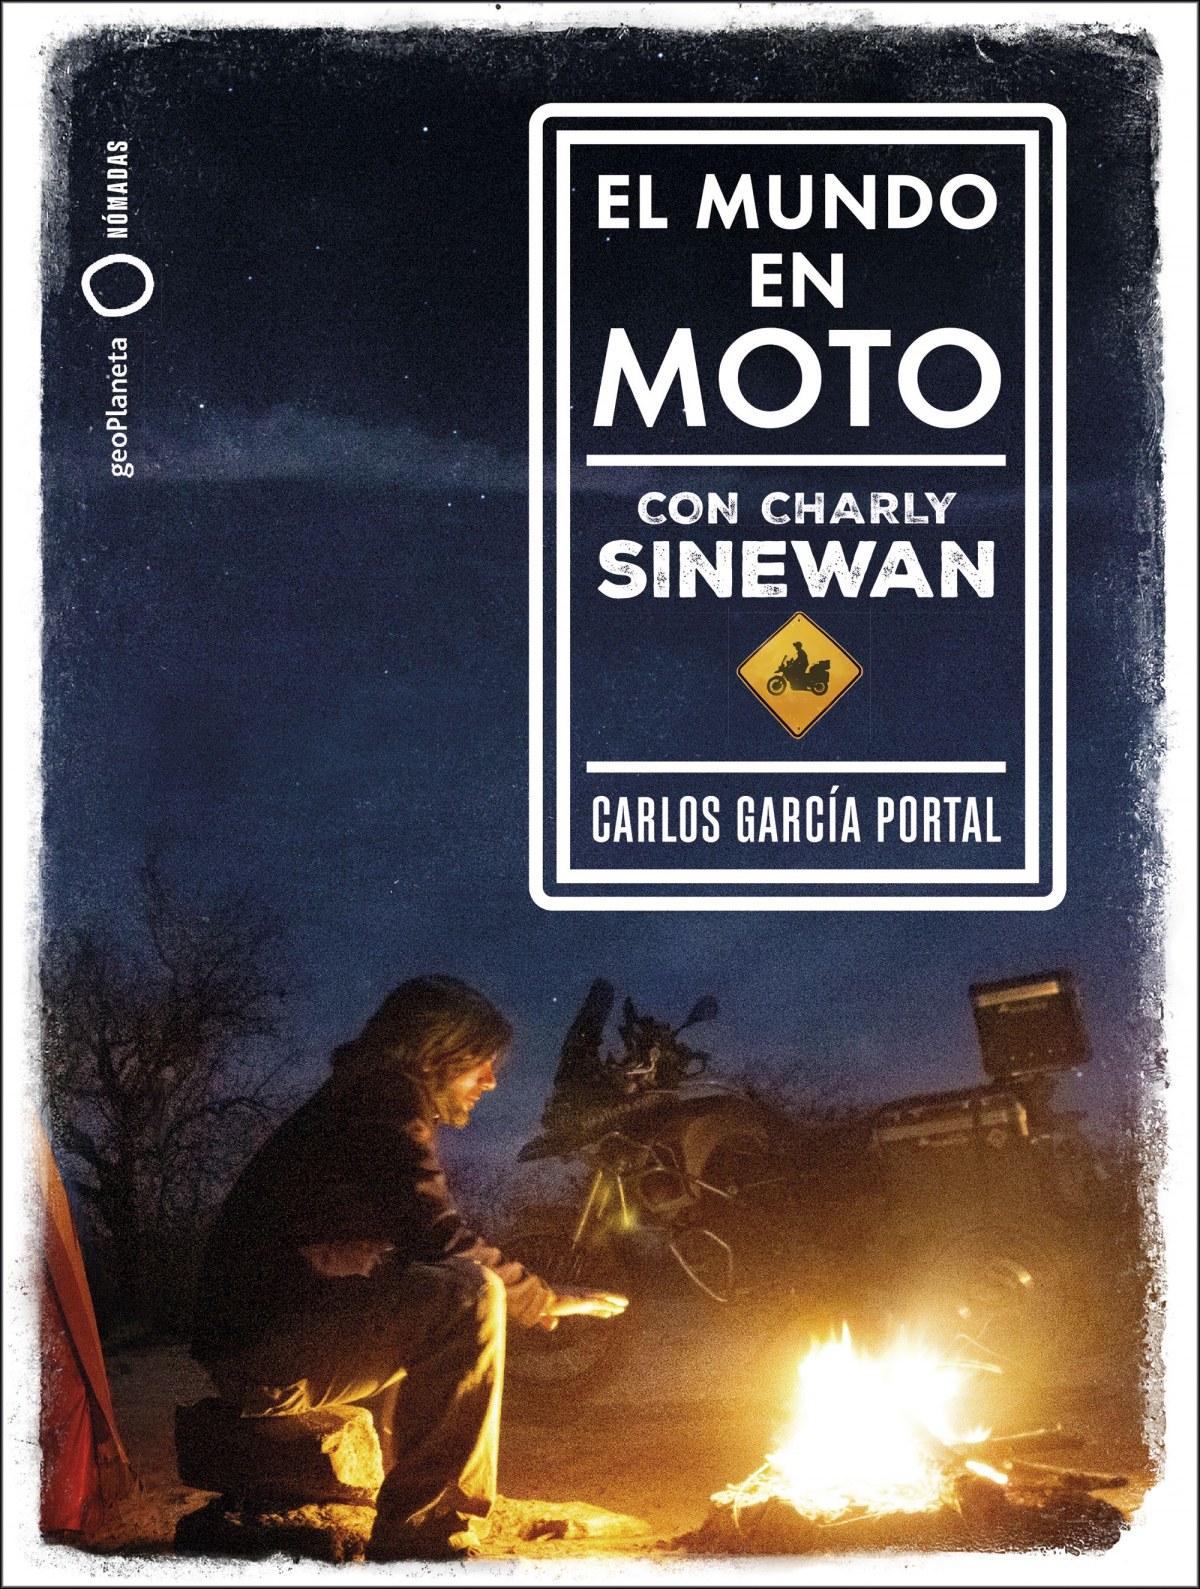 EL MUNDO EN MOTO CON CHARLY SINEWAN 9788408210788